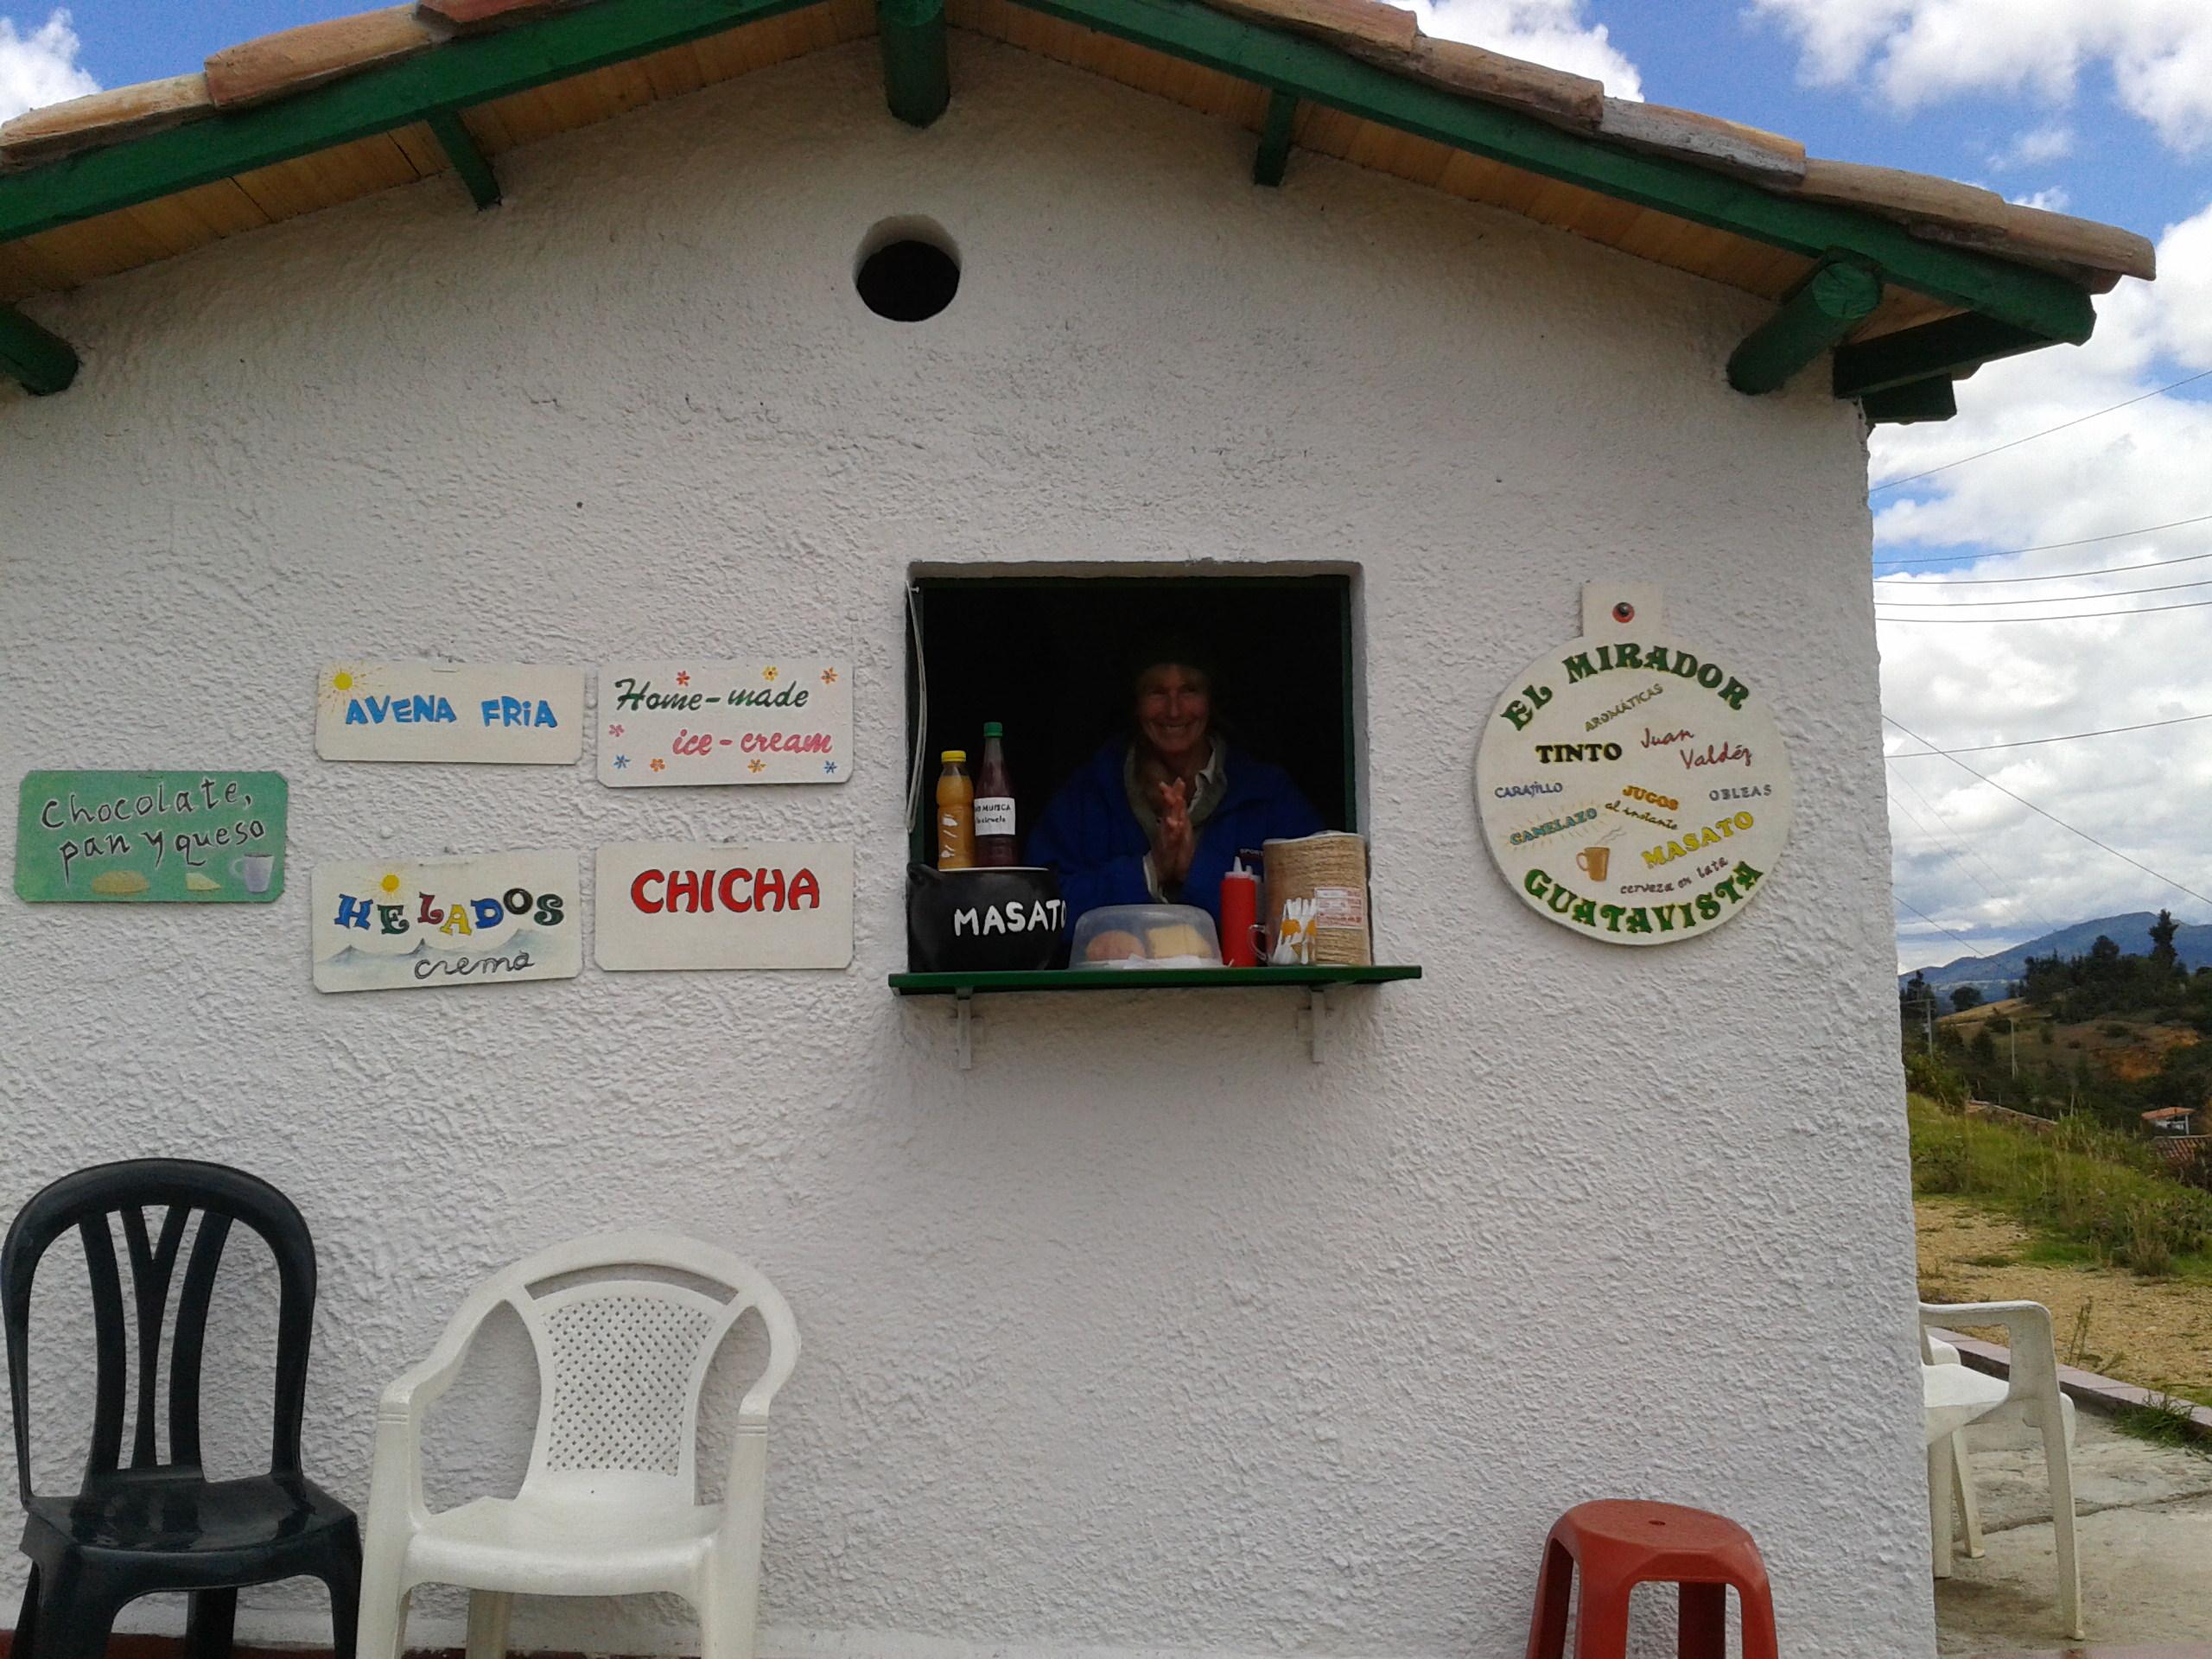 La historia de la musa oculta en Guatavita